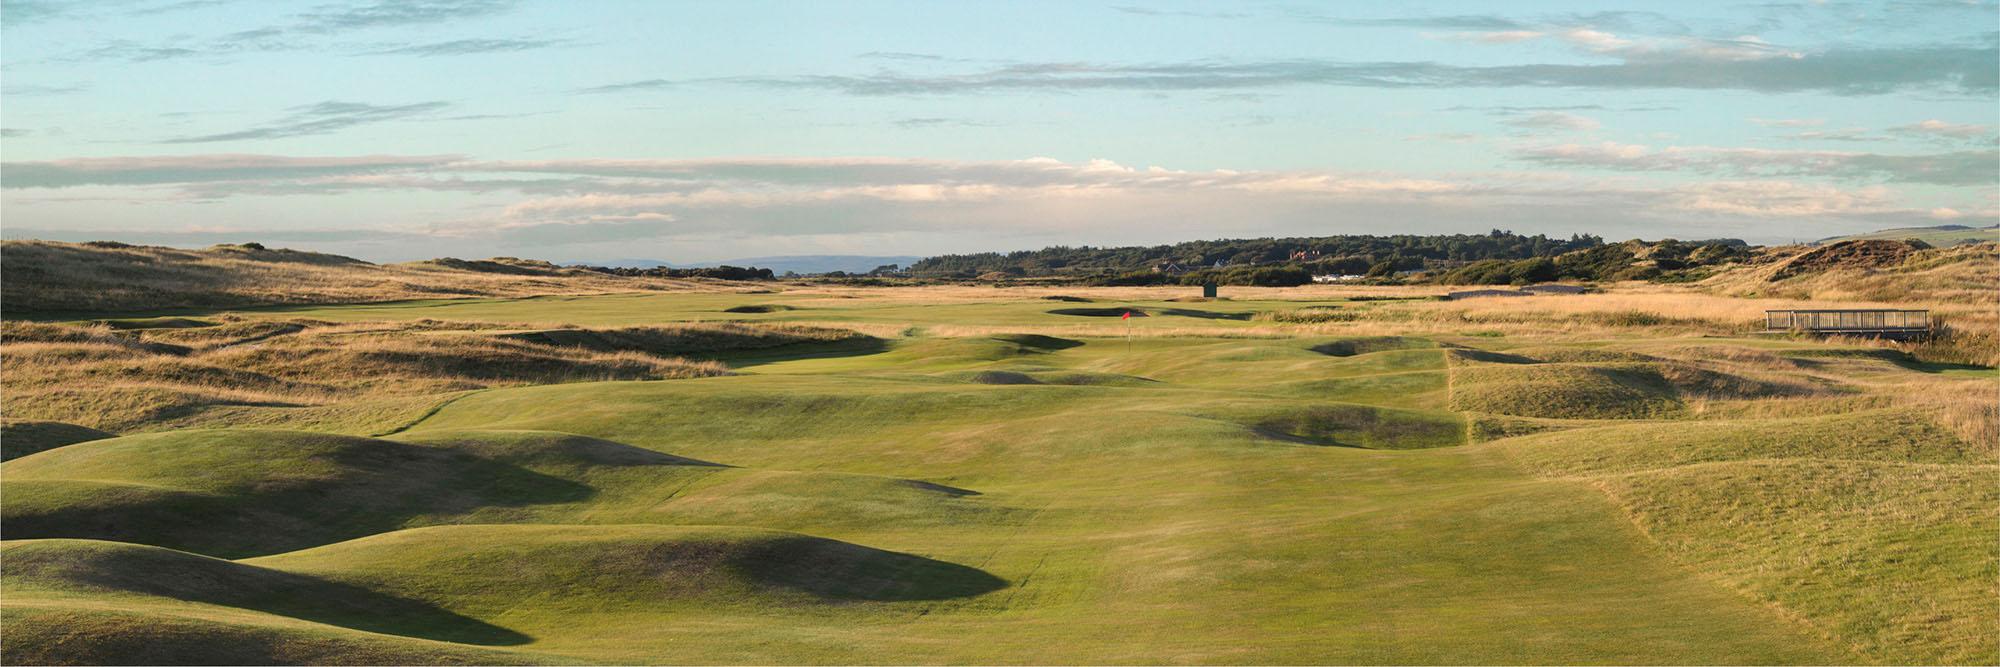 Golf Course Image - Prestwick No. 3